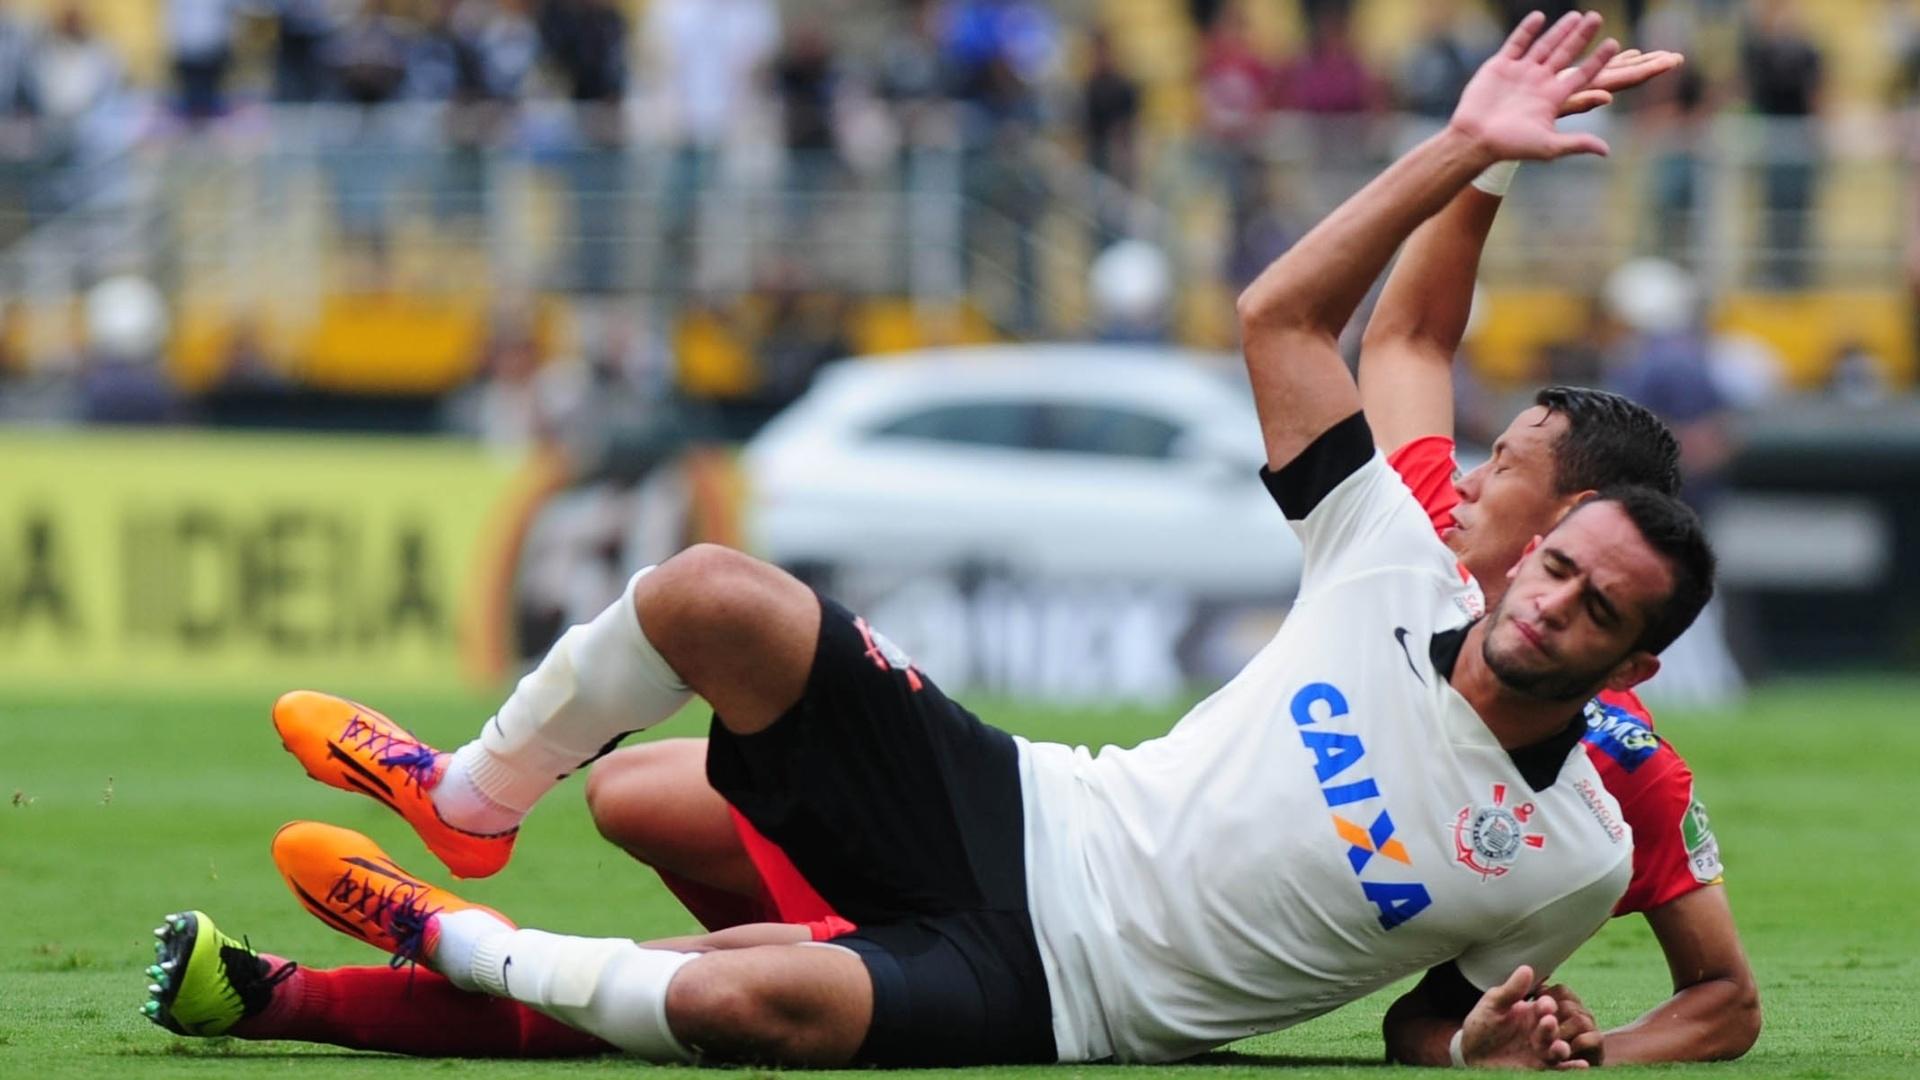 Meia corintiano Renato Augusto vai ao chão no duelo contra o Atlético Sorocaba no Pacaembu